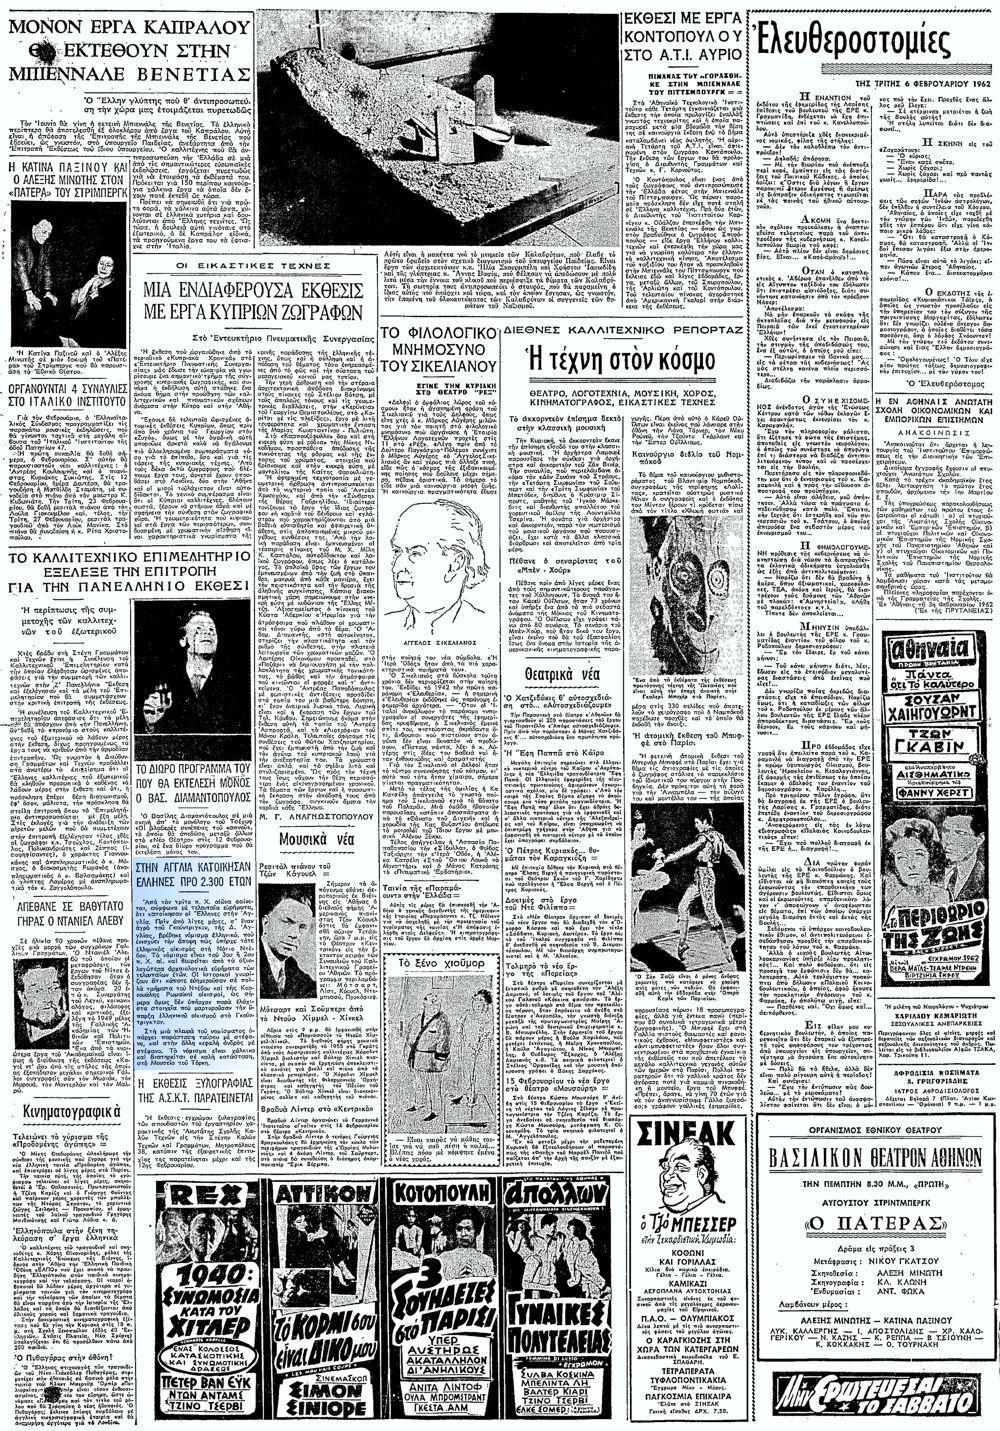 """Το άρθρο, όπως δημοσιεύθηκε στην εφημερίδα """"ΕΛΕΥΘΕΡΙΑ"""", στις 06/02/1962"""